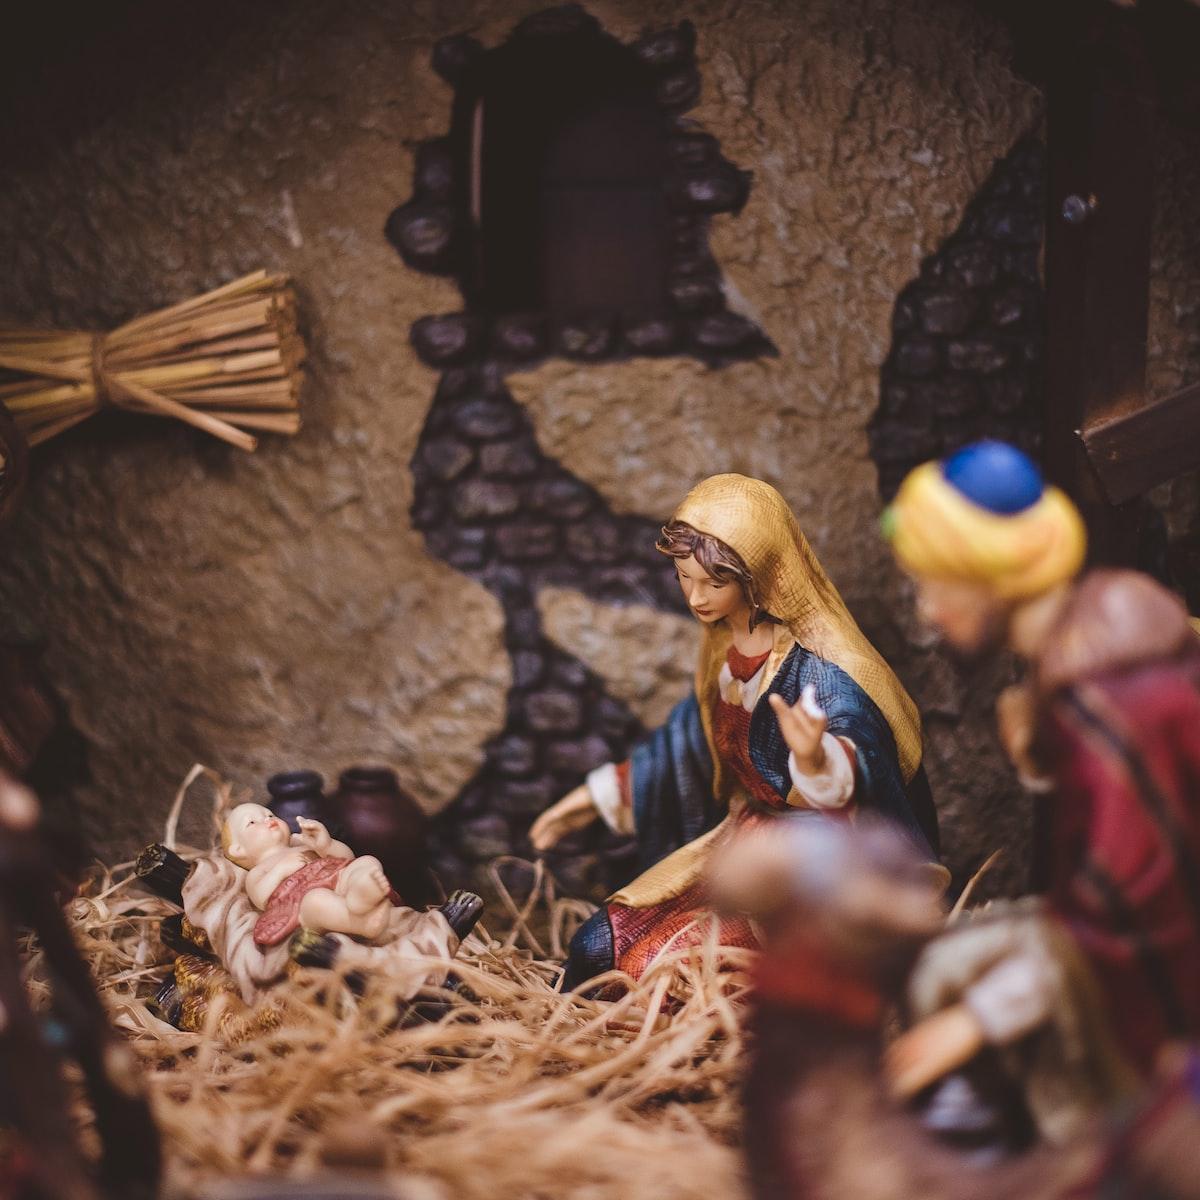 Schmutzige Weihnachtsgedichte.169 Weihnachtswitze Schlechte Witze